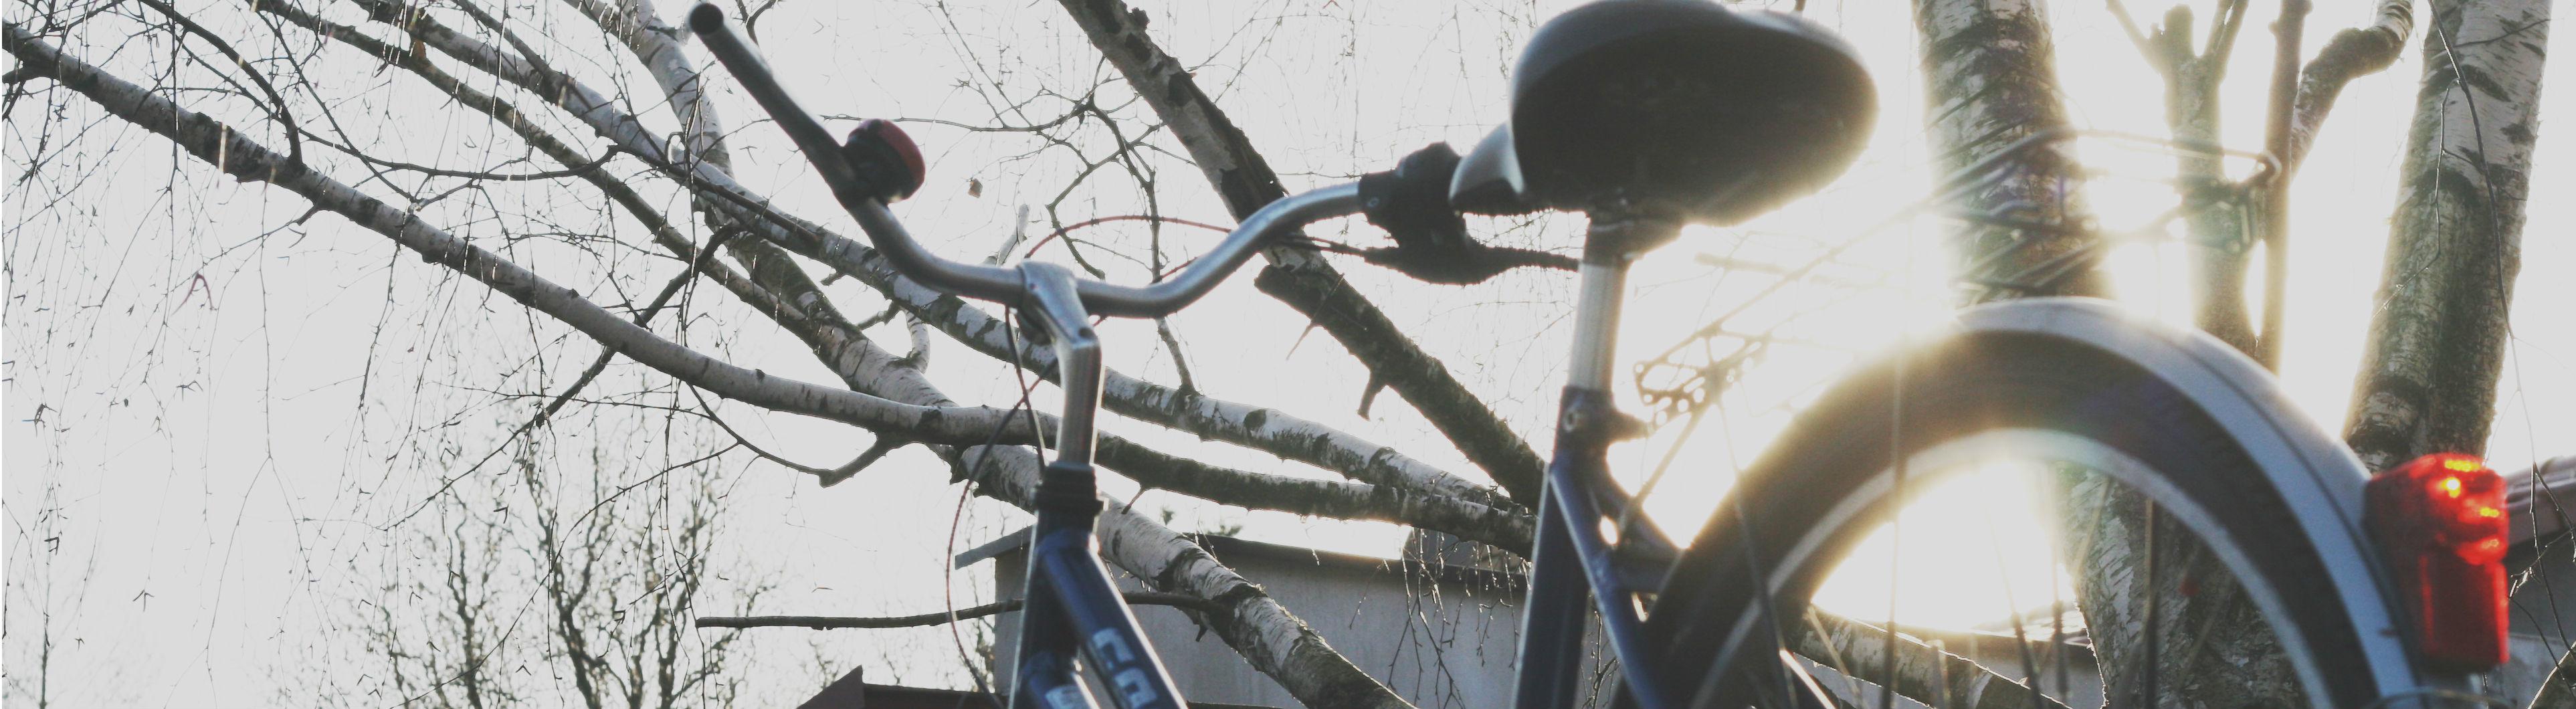 Ein Fahrrad im Gegenlicht